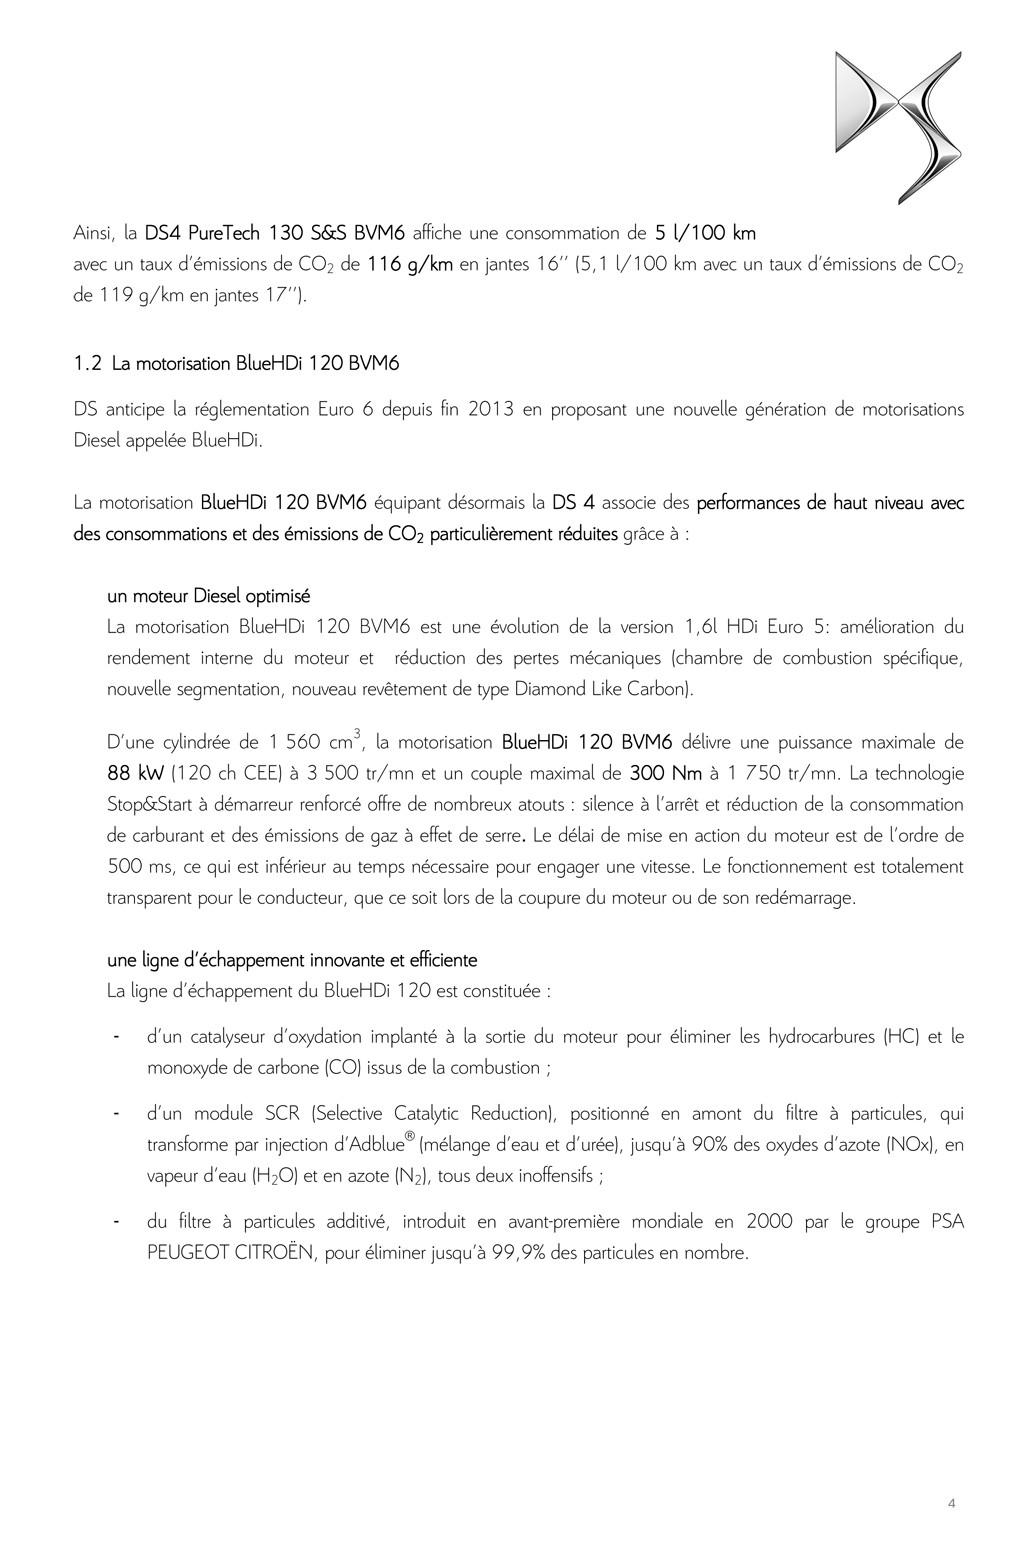 [INFORMATION] PSA: Les nouvelles technologies - Page 5 F_dp_d13